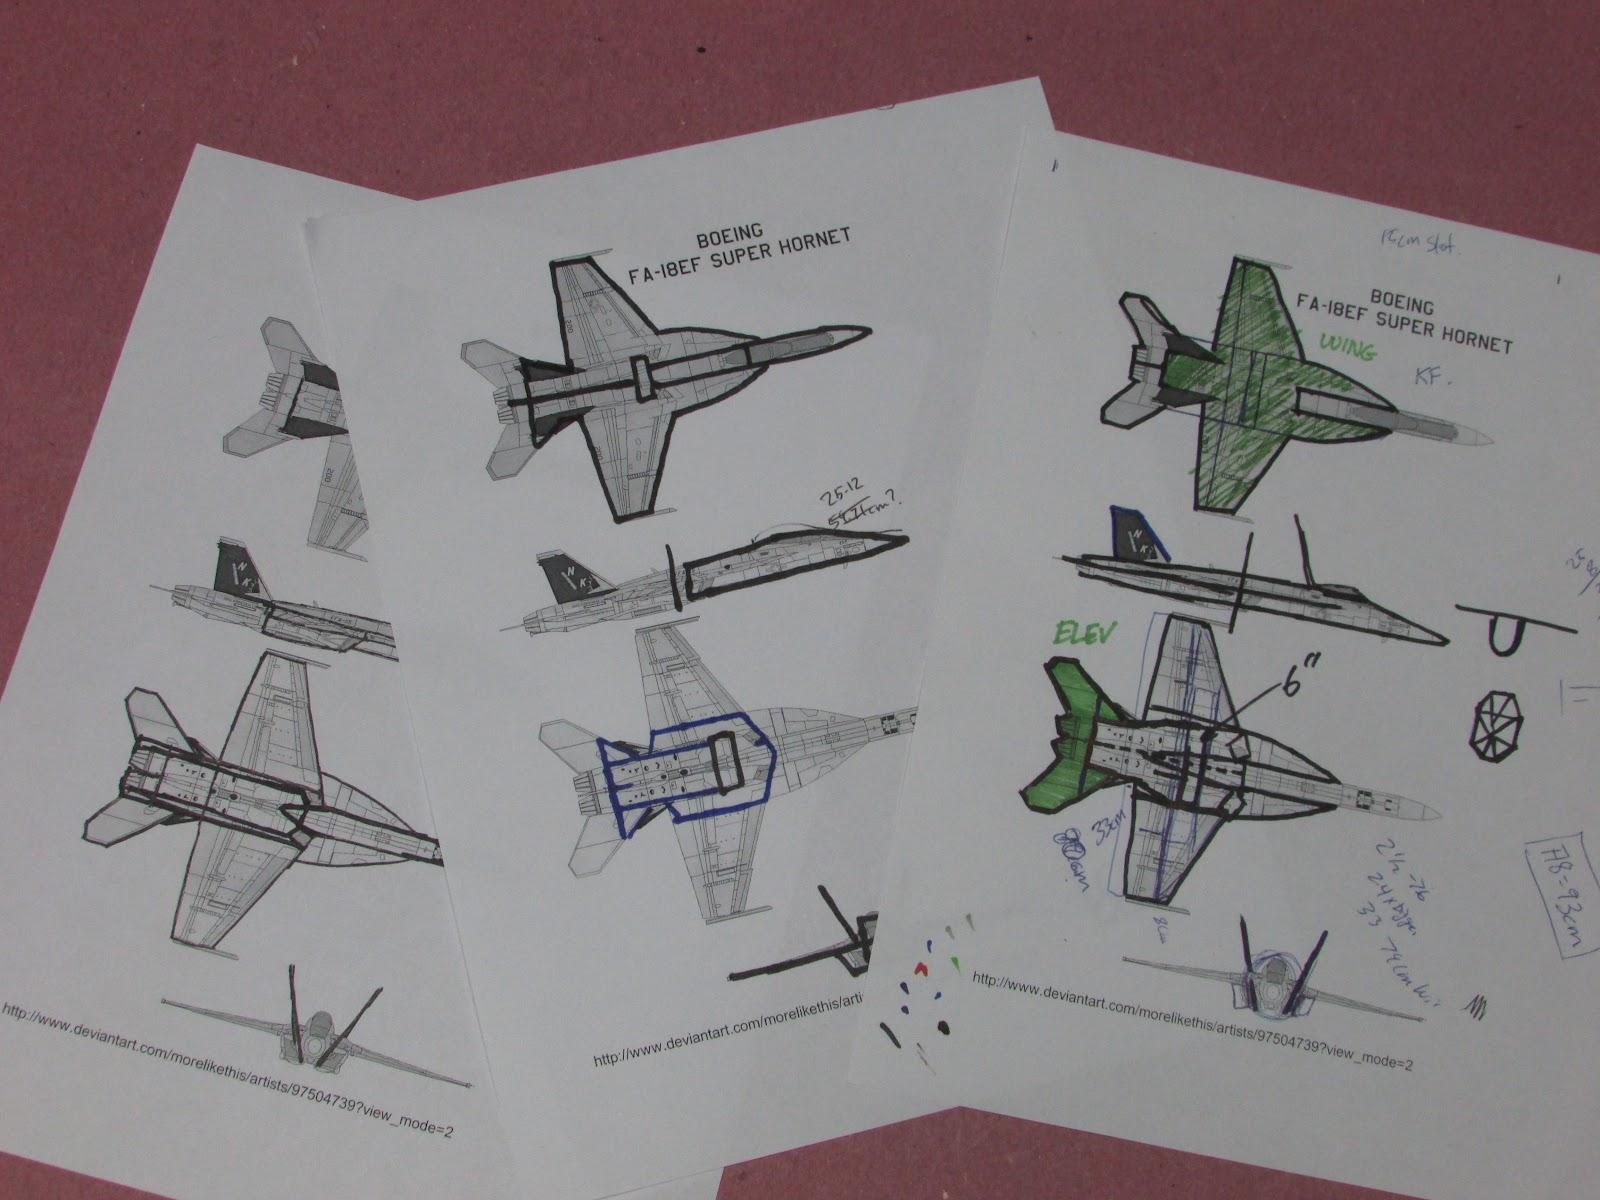 F18 Hornet Top Speed